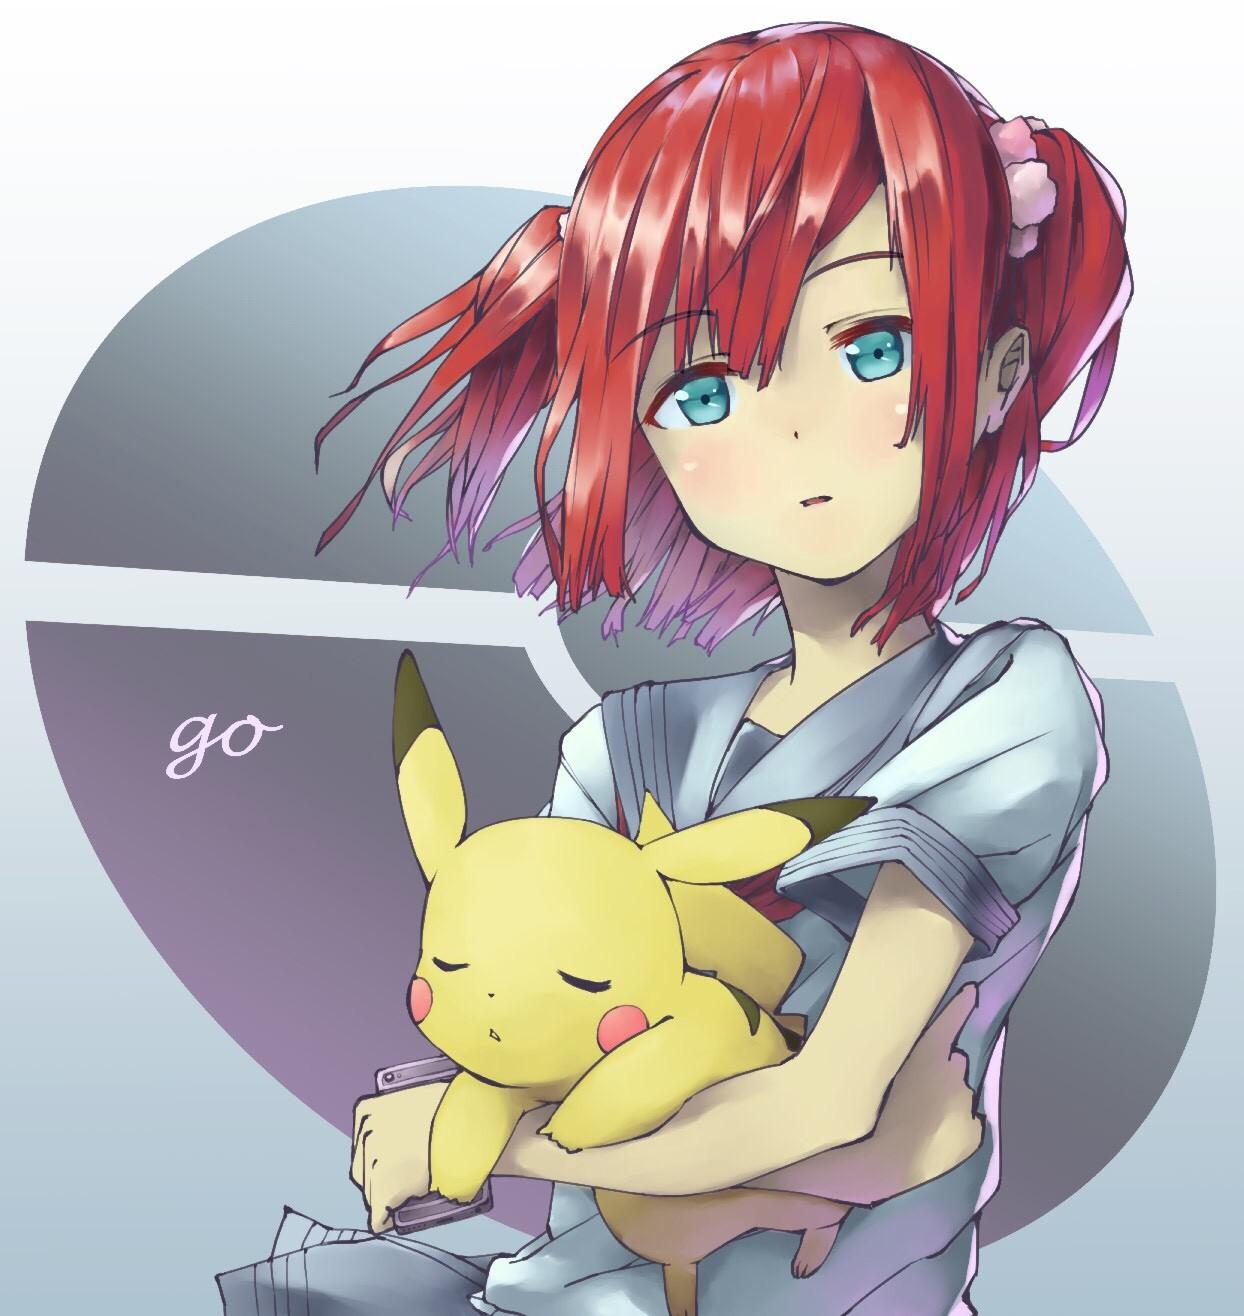 デスクトップ壁紙 : 図, 赤毛, アニメの女の子, ショートヘア, クロス